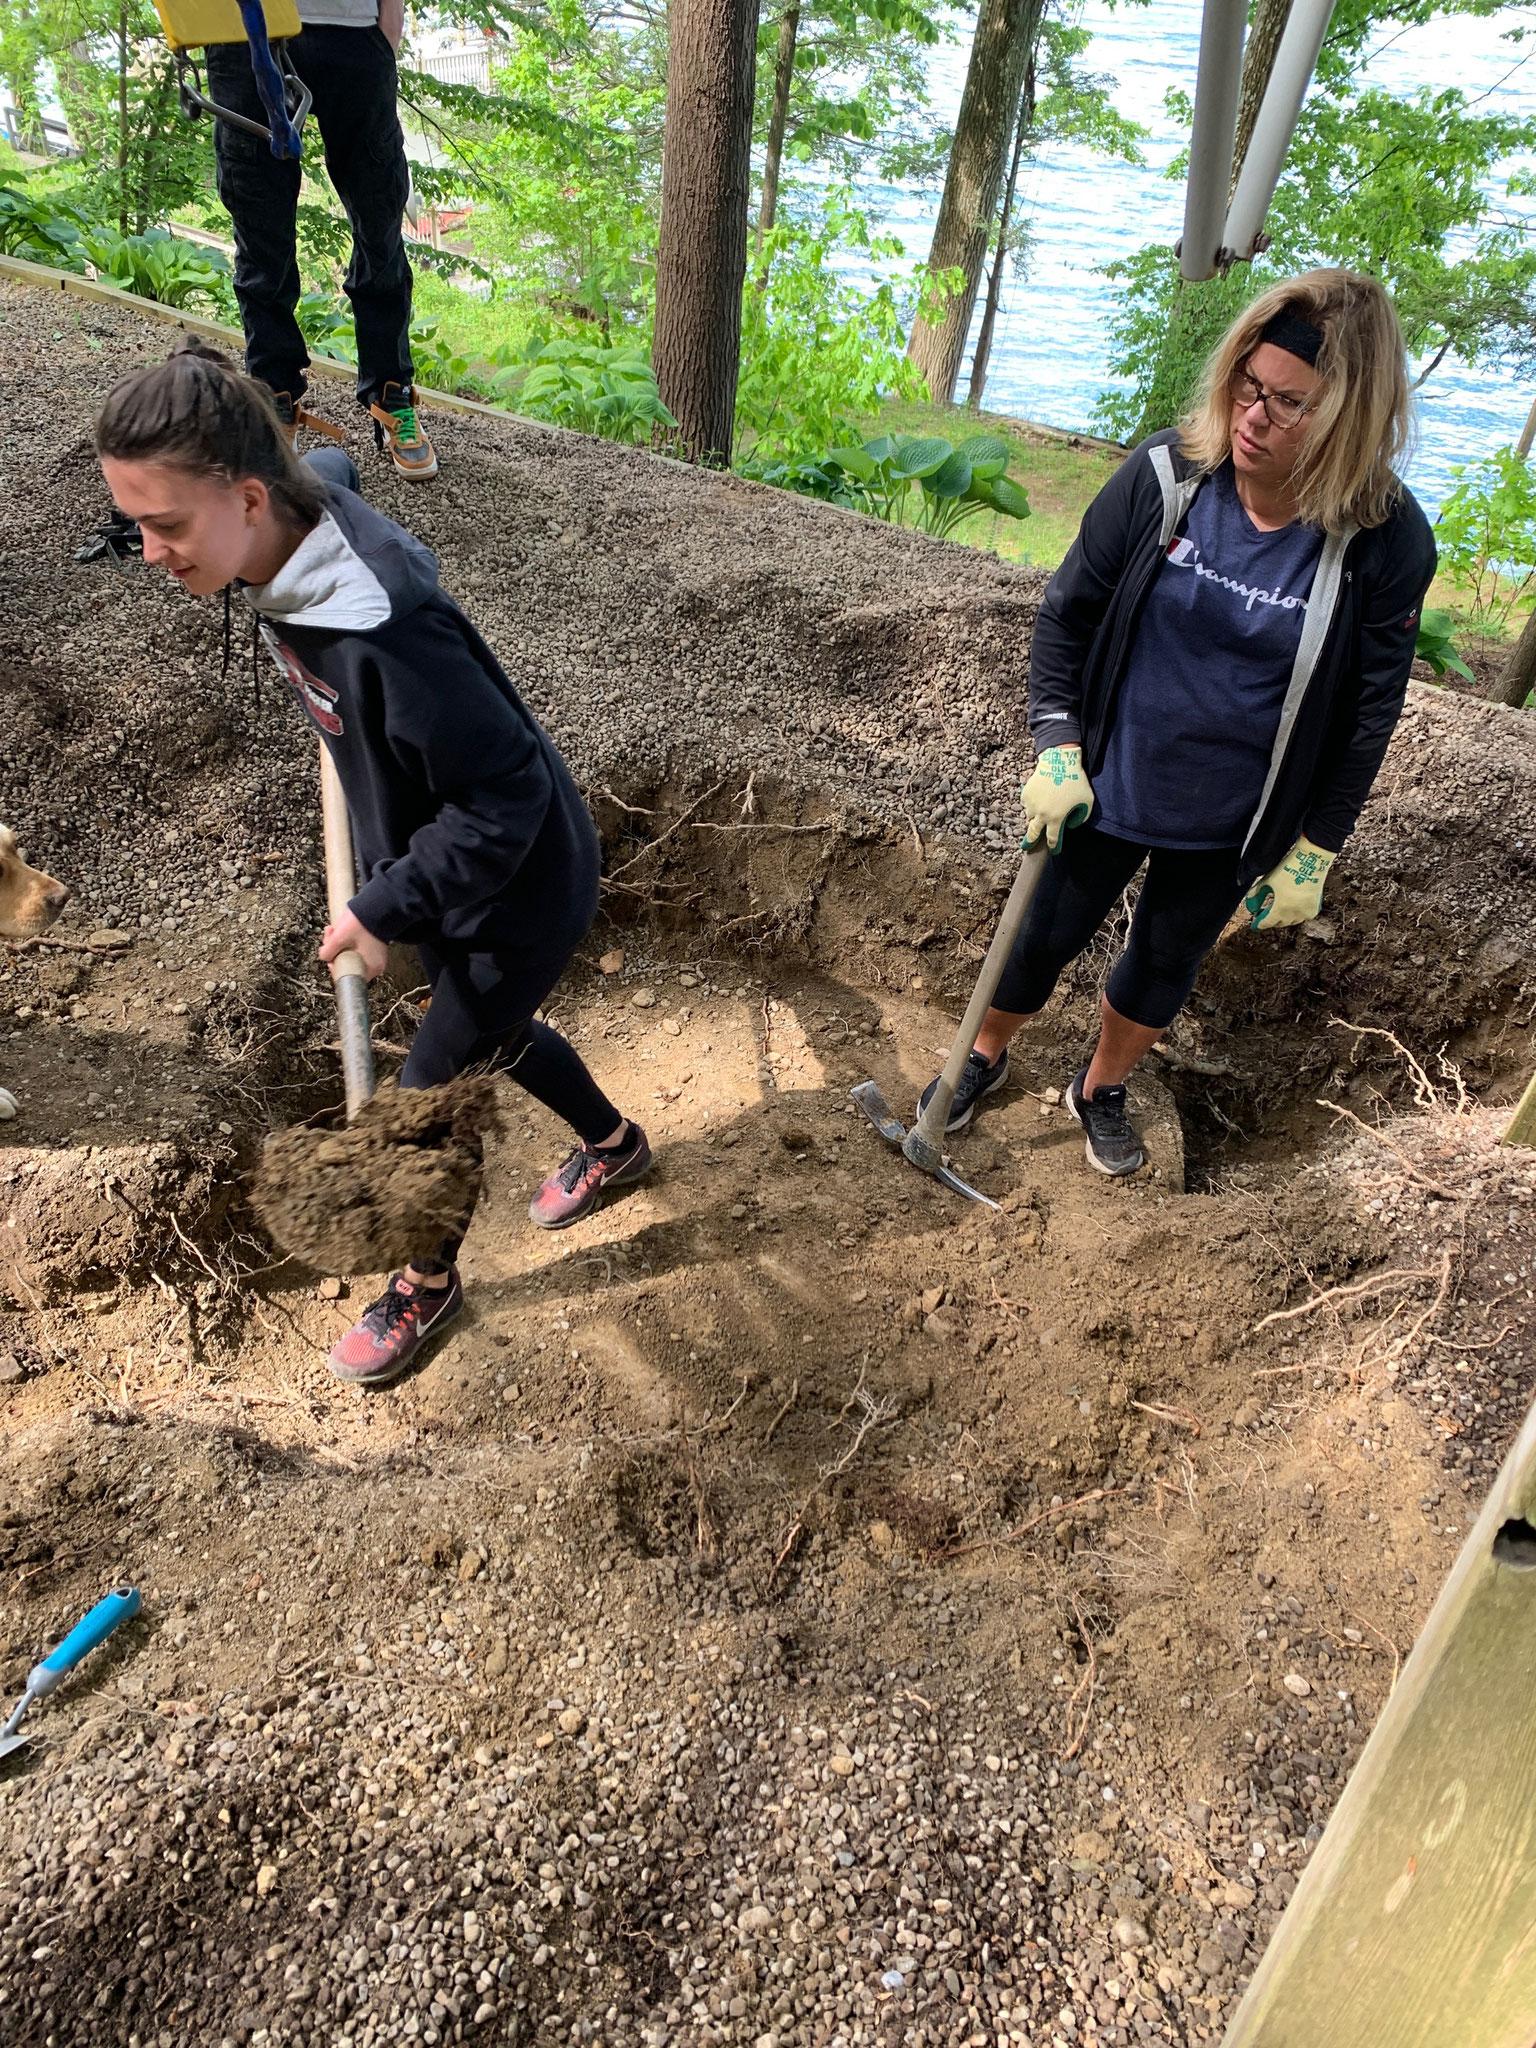 Digging, Ellie and Celeste